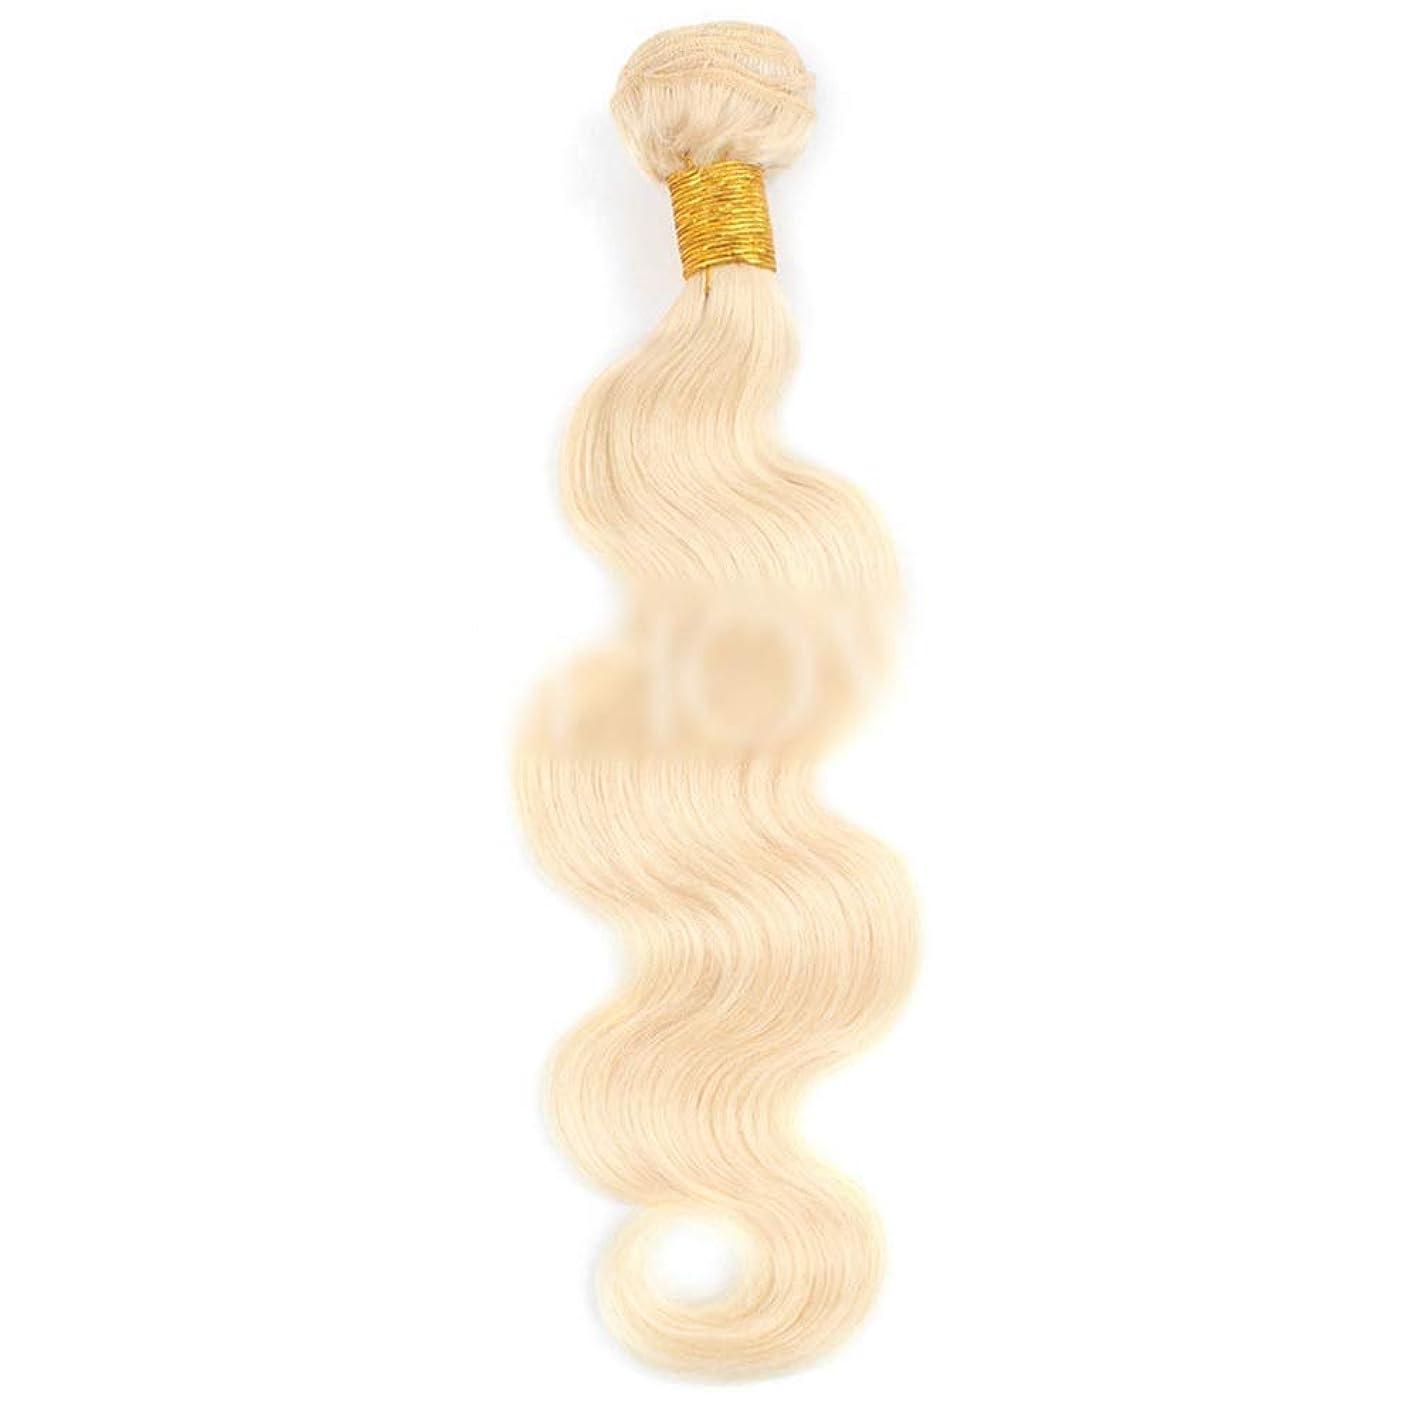 アシュリータファーマン脱獄パプアニューギニアYESONEEP ブロンドの人間の髪織りバンドル本物のRemyナチュラルヘアエクステンション横糸 - ボディウェーブ - #613ブロンド(100g / 1バンドル、10インチ-26インチ)合成髪レースかつらロールプレイングウィッグロング&ショート女性自然 (色 : Blonde, サイズ : 12 inch)